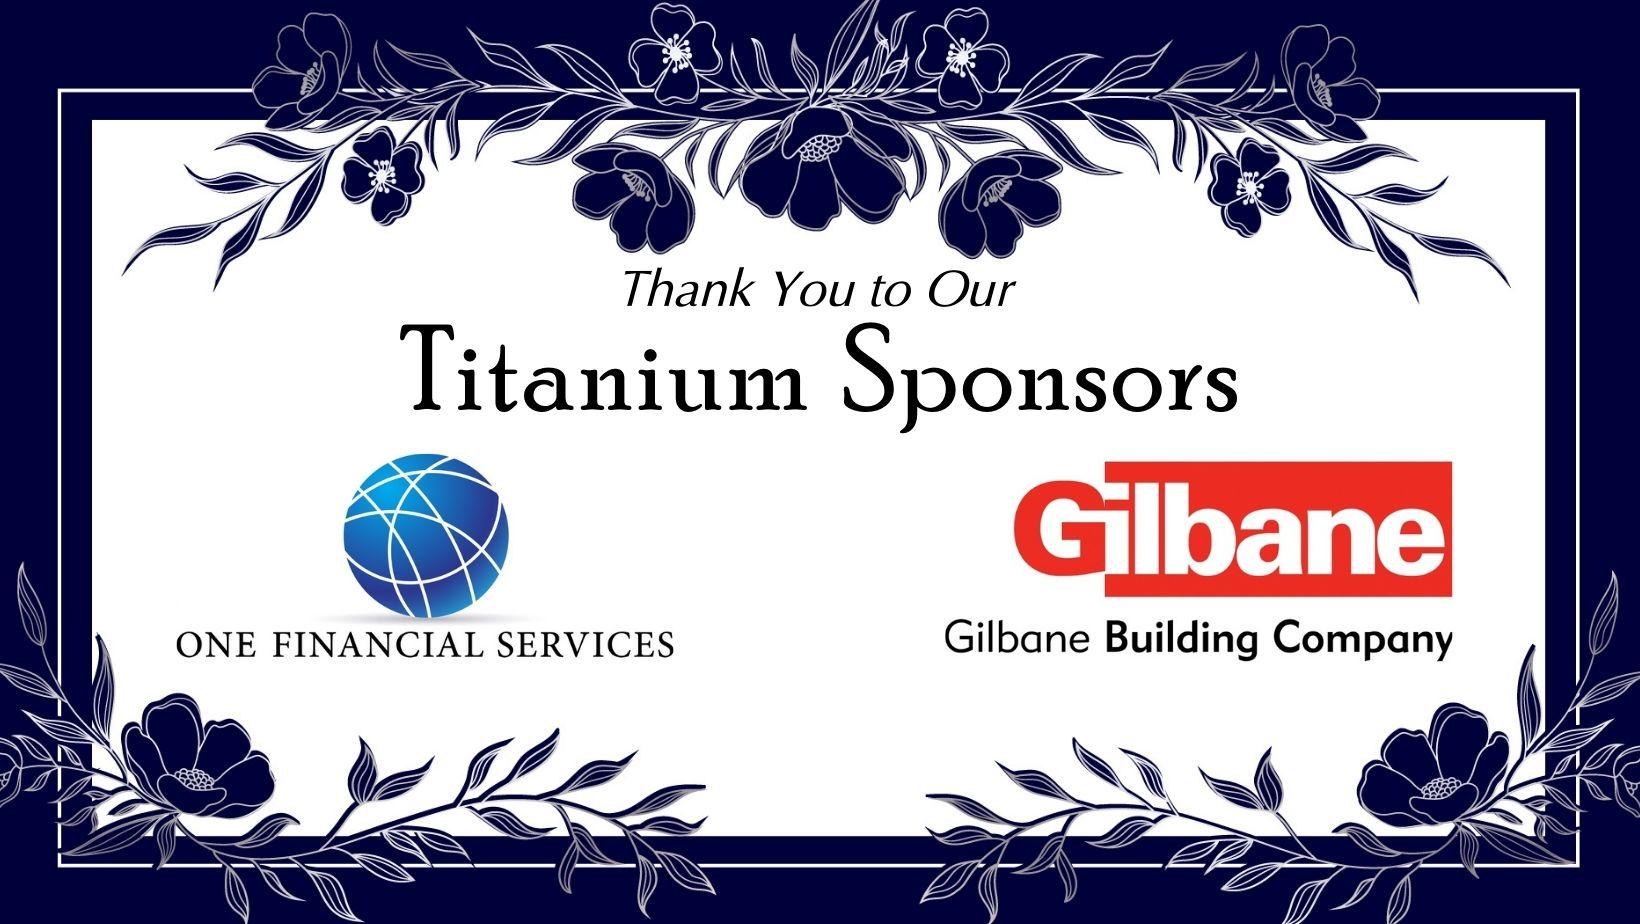 Titanium Sponsors